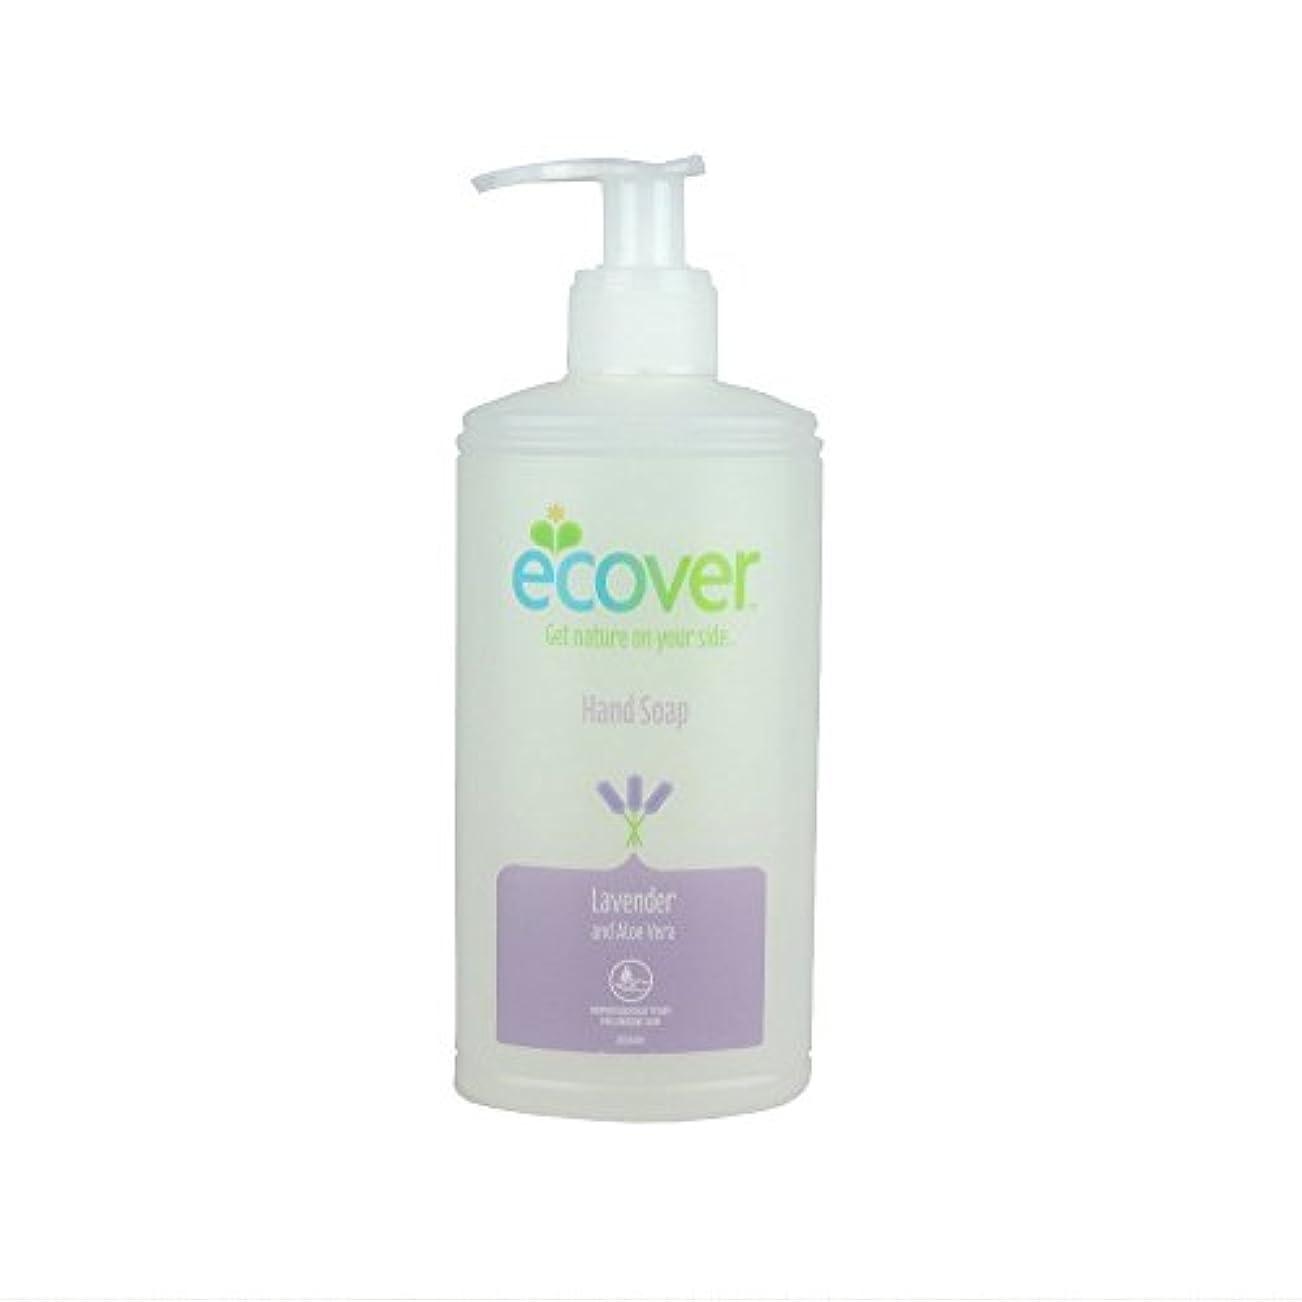 大統領ママ是正Ecover Liquid Hand Soap Lavender & Aloe Vera (250ml) 液体ハンドソープラベンダーとアロエベラ( 250ミリリットル)をエコベール